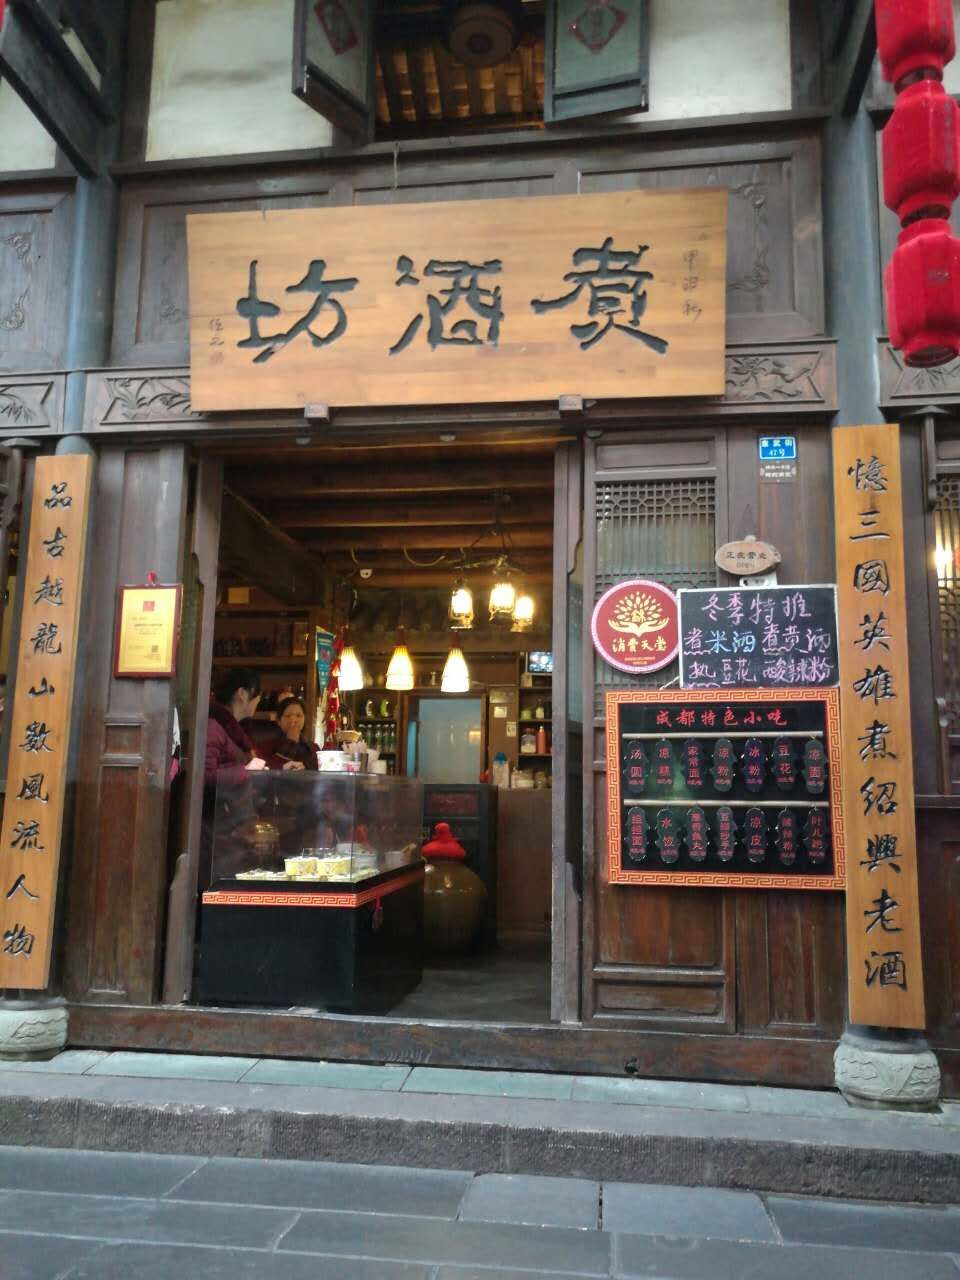 传统酒文化体验店——煮酒坊